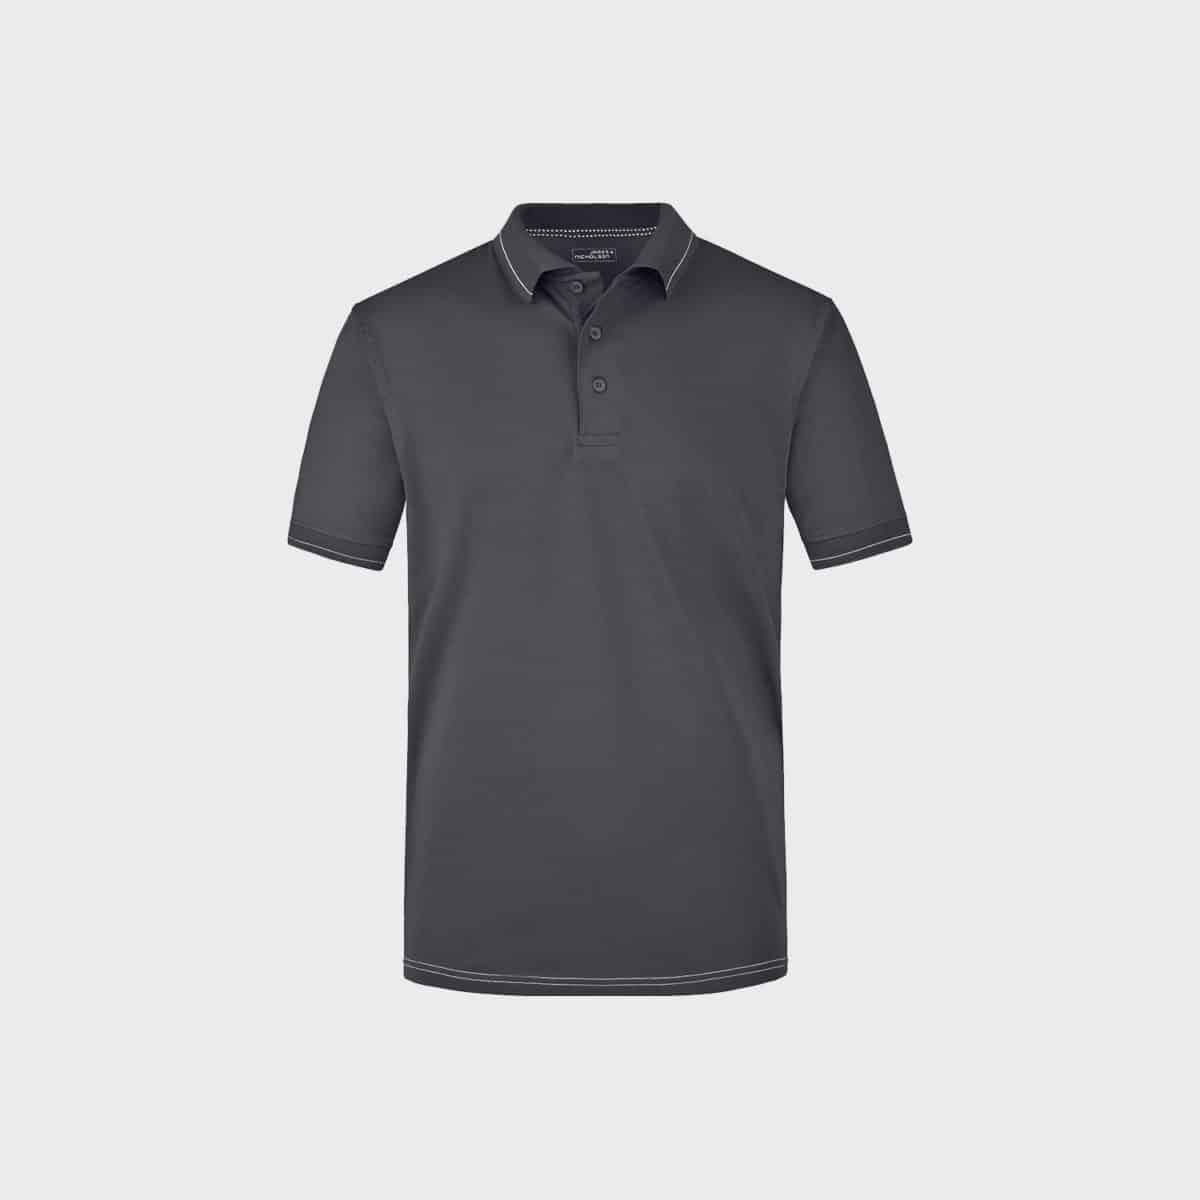 elastic-polo-t-shirt-herren-graphite-kaufen-besticken_stickmanufaktur